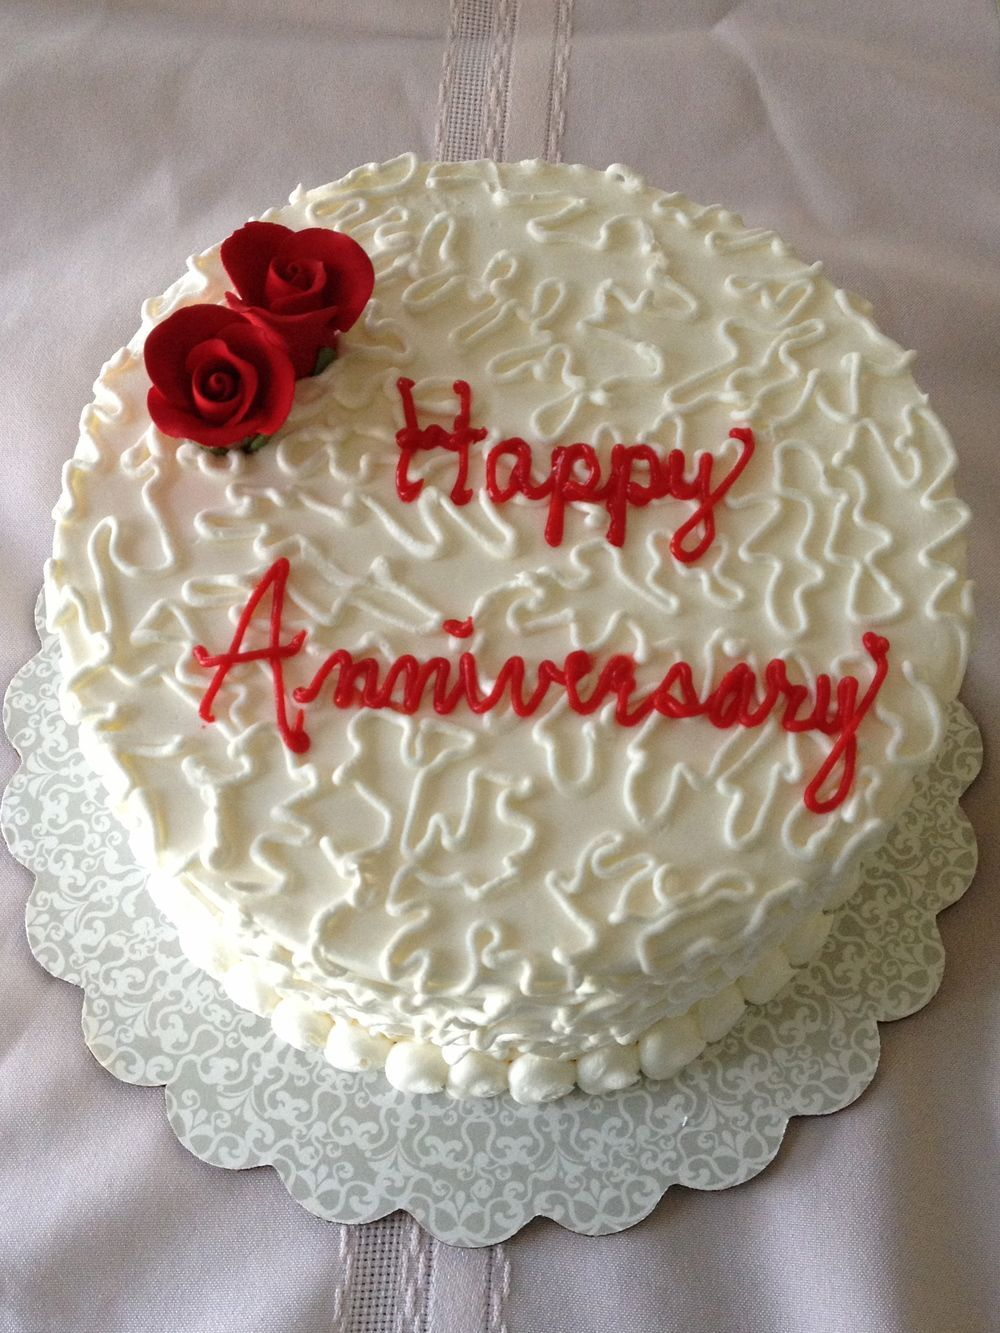 online midnight cake delivery in Hyderabad Birthdaycakes